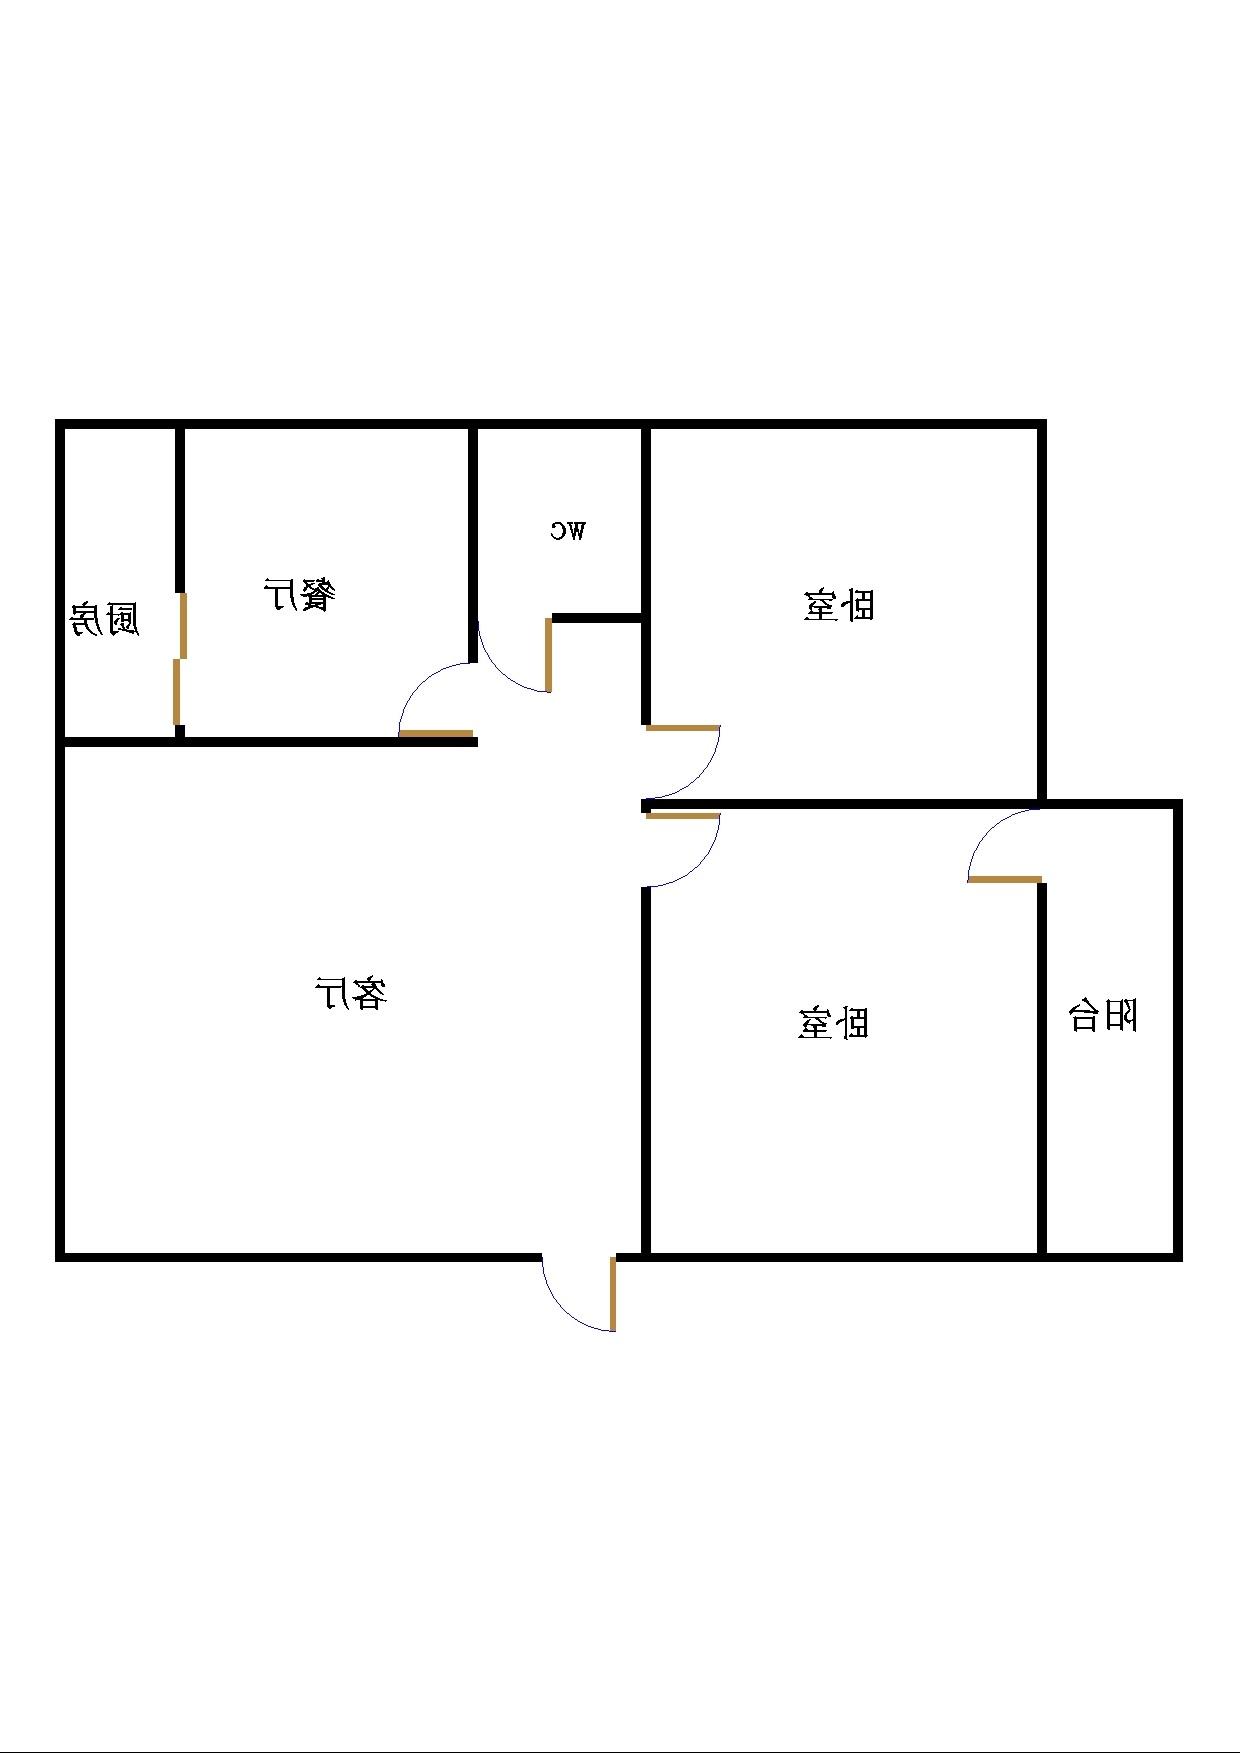 二塑宿舍 2室1厅 双证齐全过五年 简装 75万